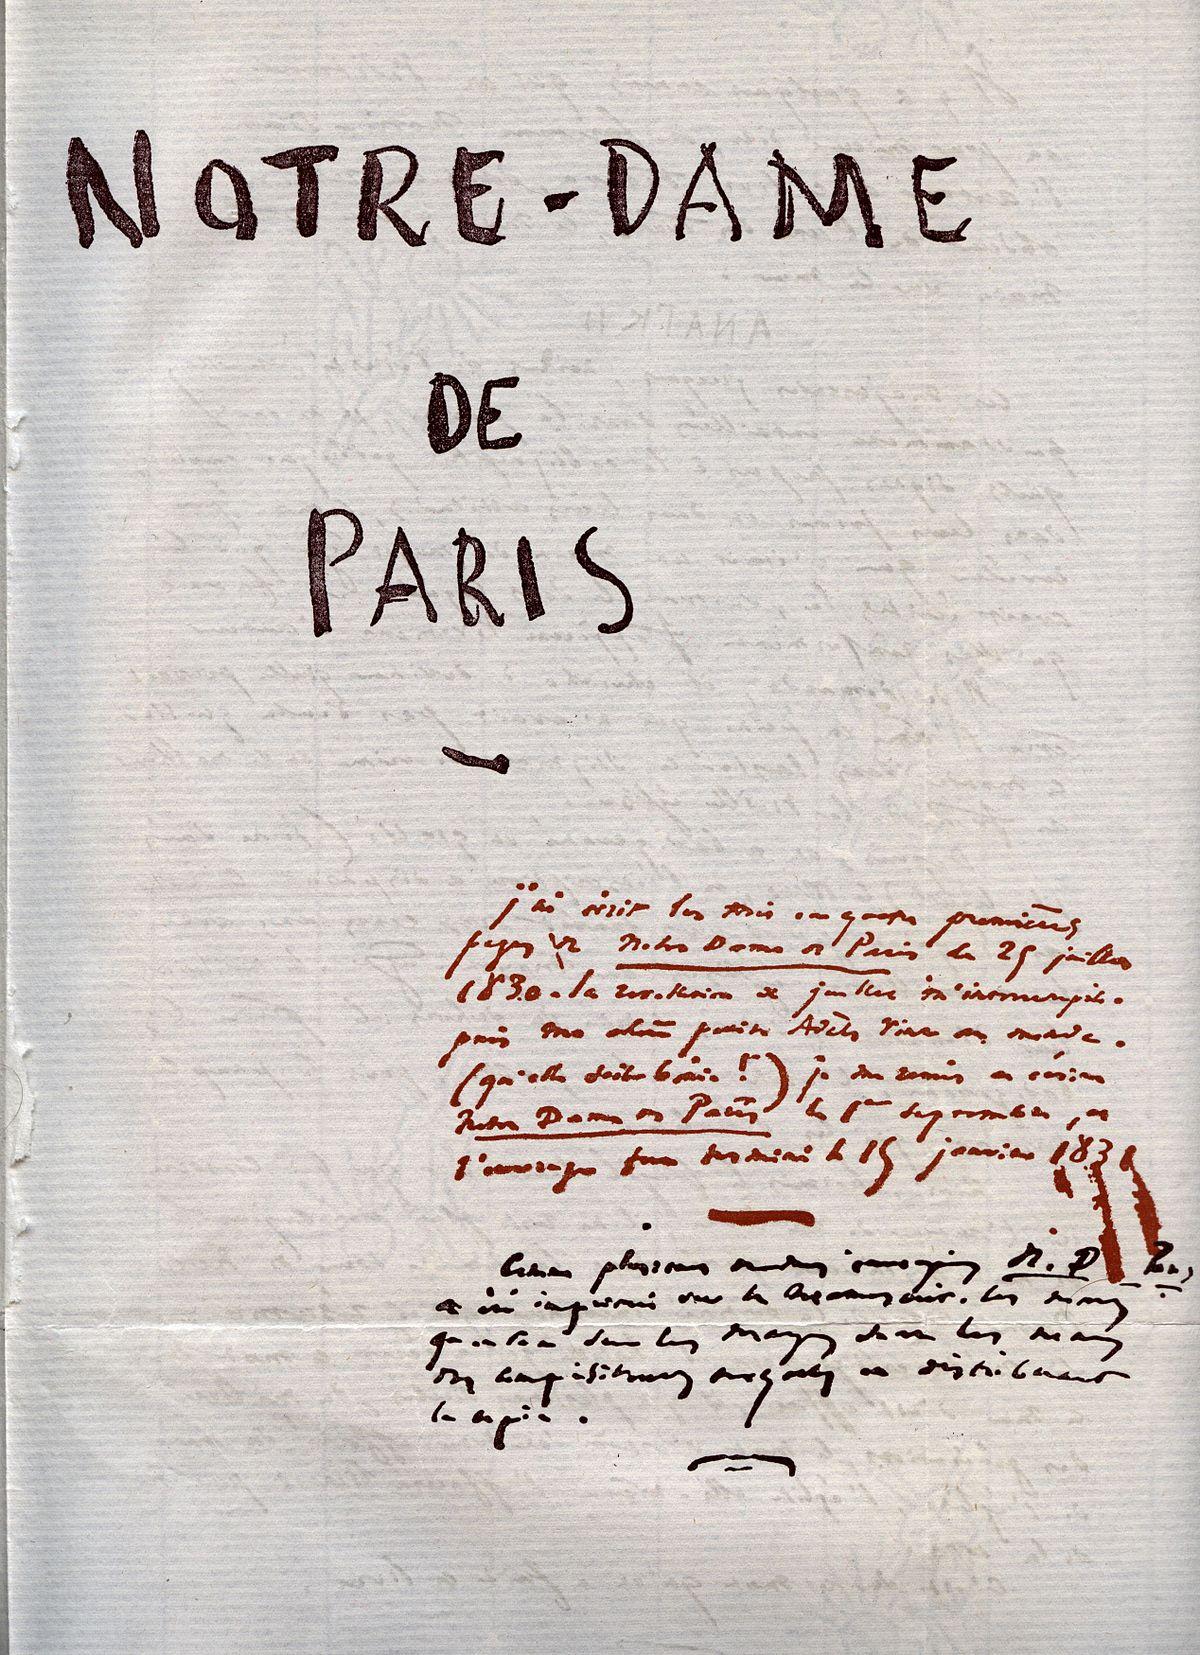 Notre Dame De Paris Histoire Résumé : notre, paris, histoire, résumé, Notre-Dame, Paris, (roman), Wikipédia